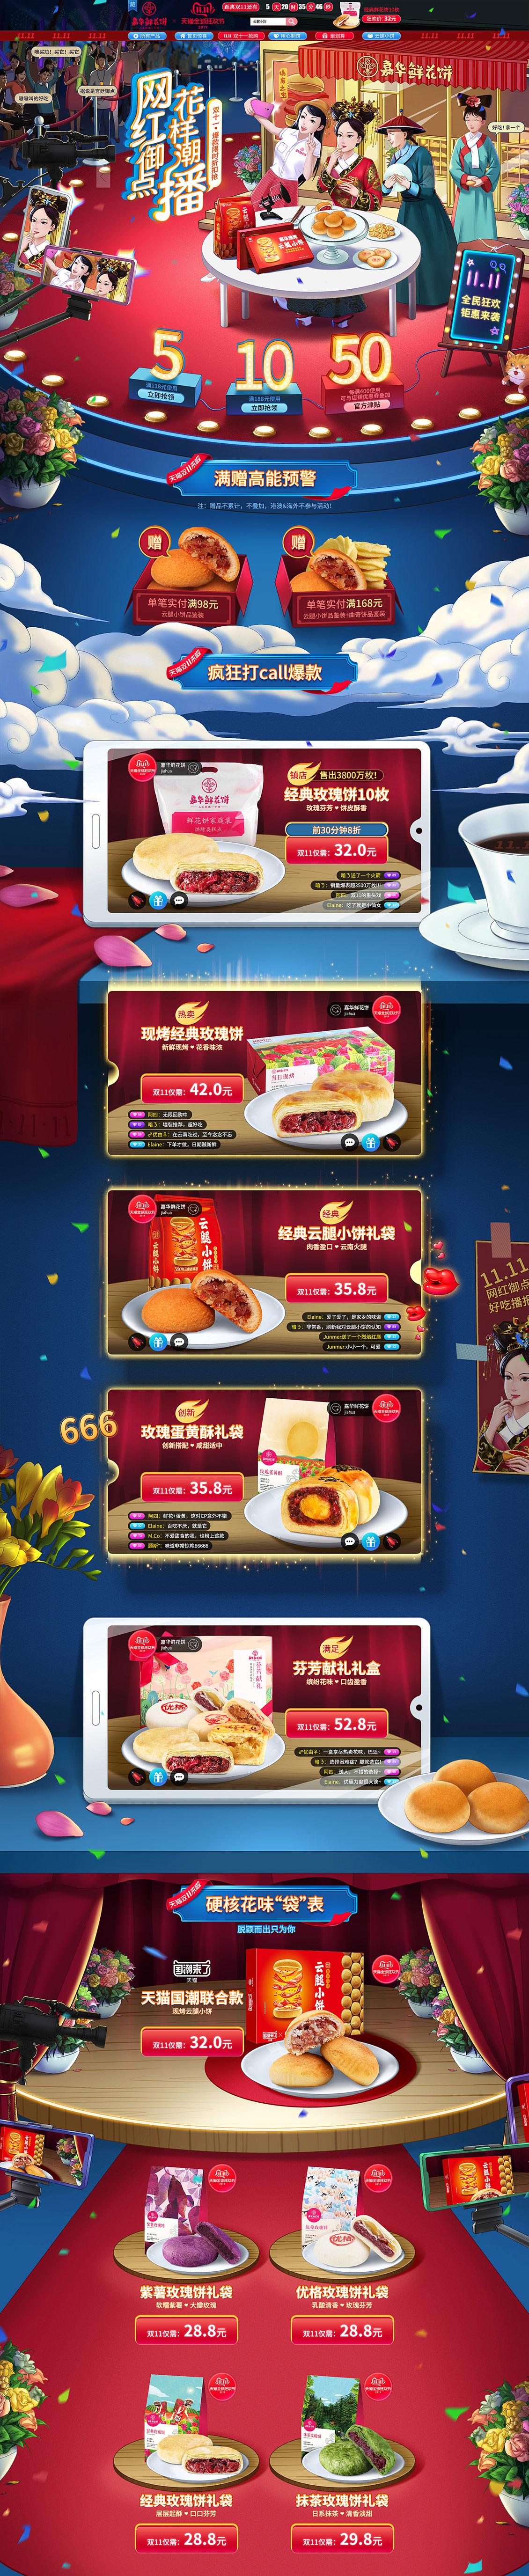 嘉华食品 零食 酒水 双11预售 双十一来了 天猫首页活动专题页面设计